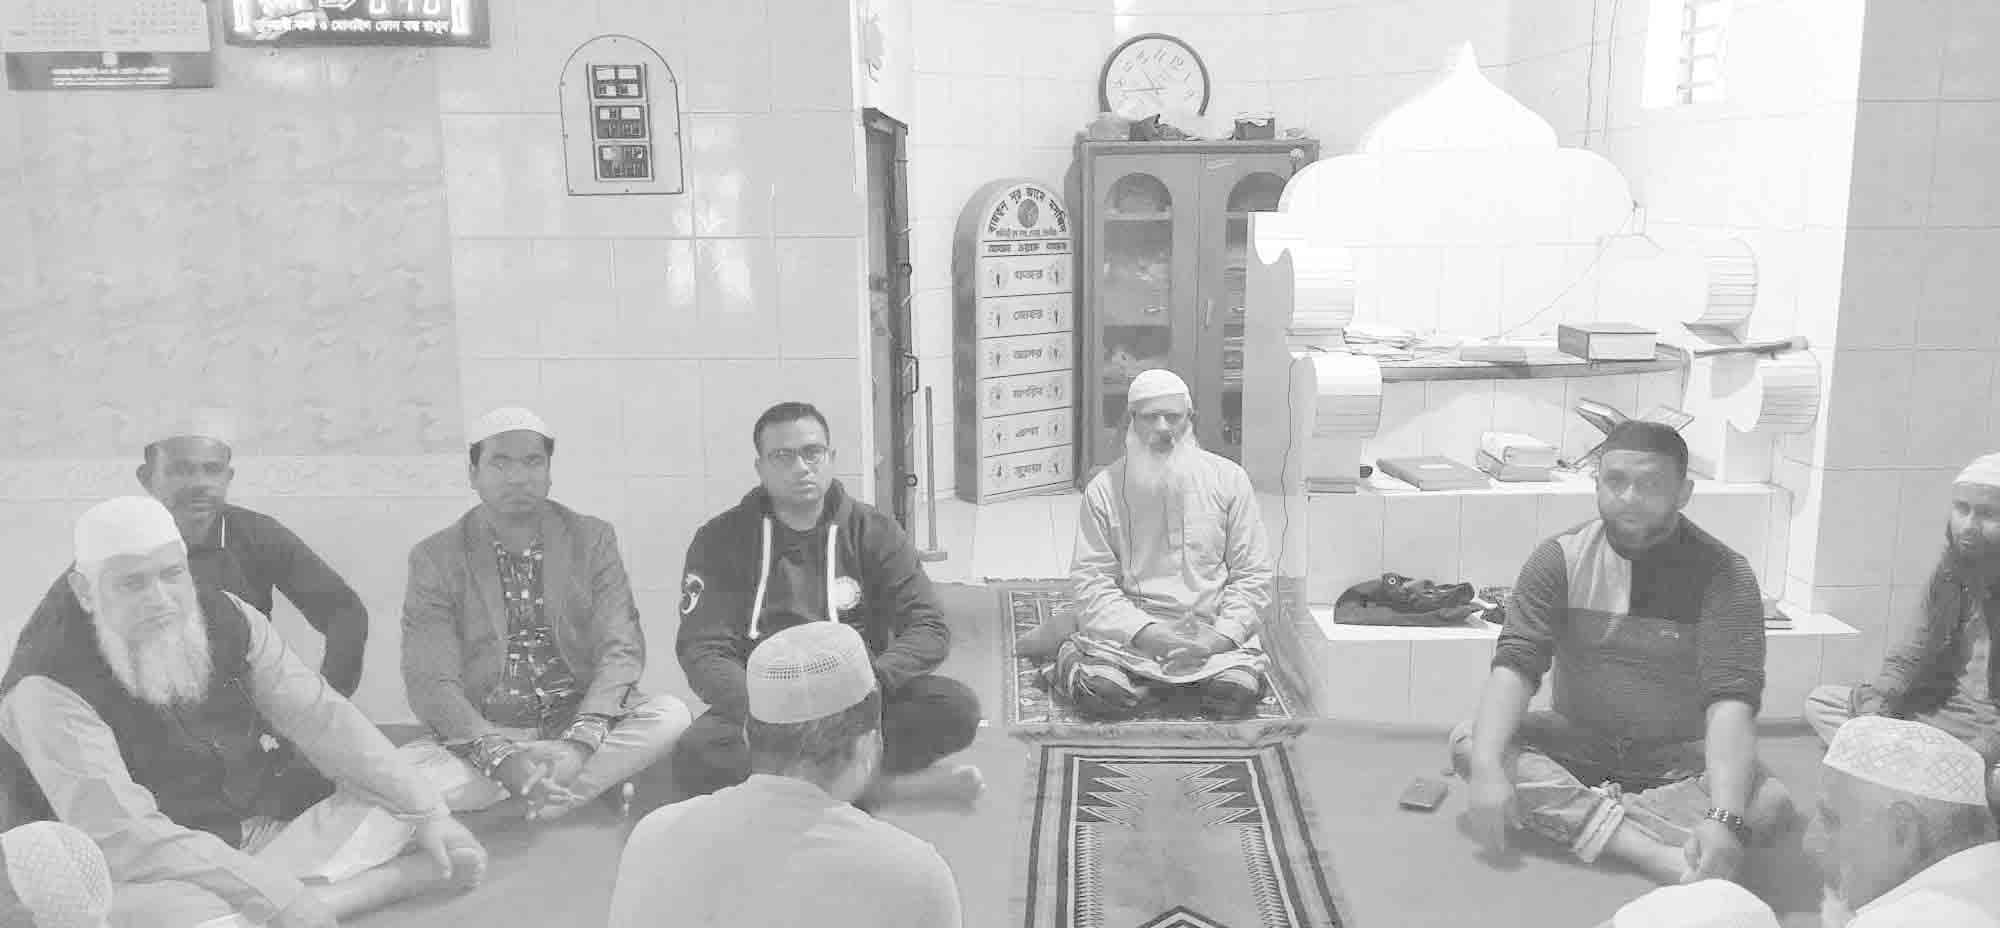 জেলা আওয়ামীলীগ সভাপতির রোগমুক্তি কামনায় দোয়া